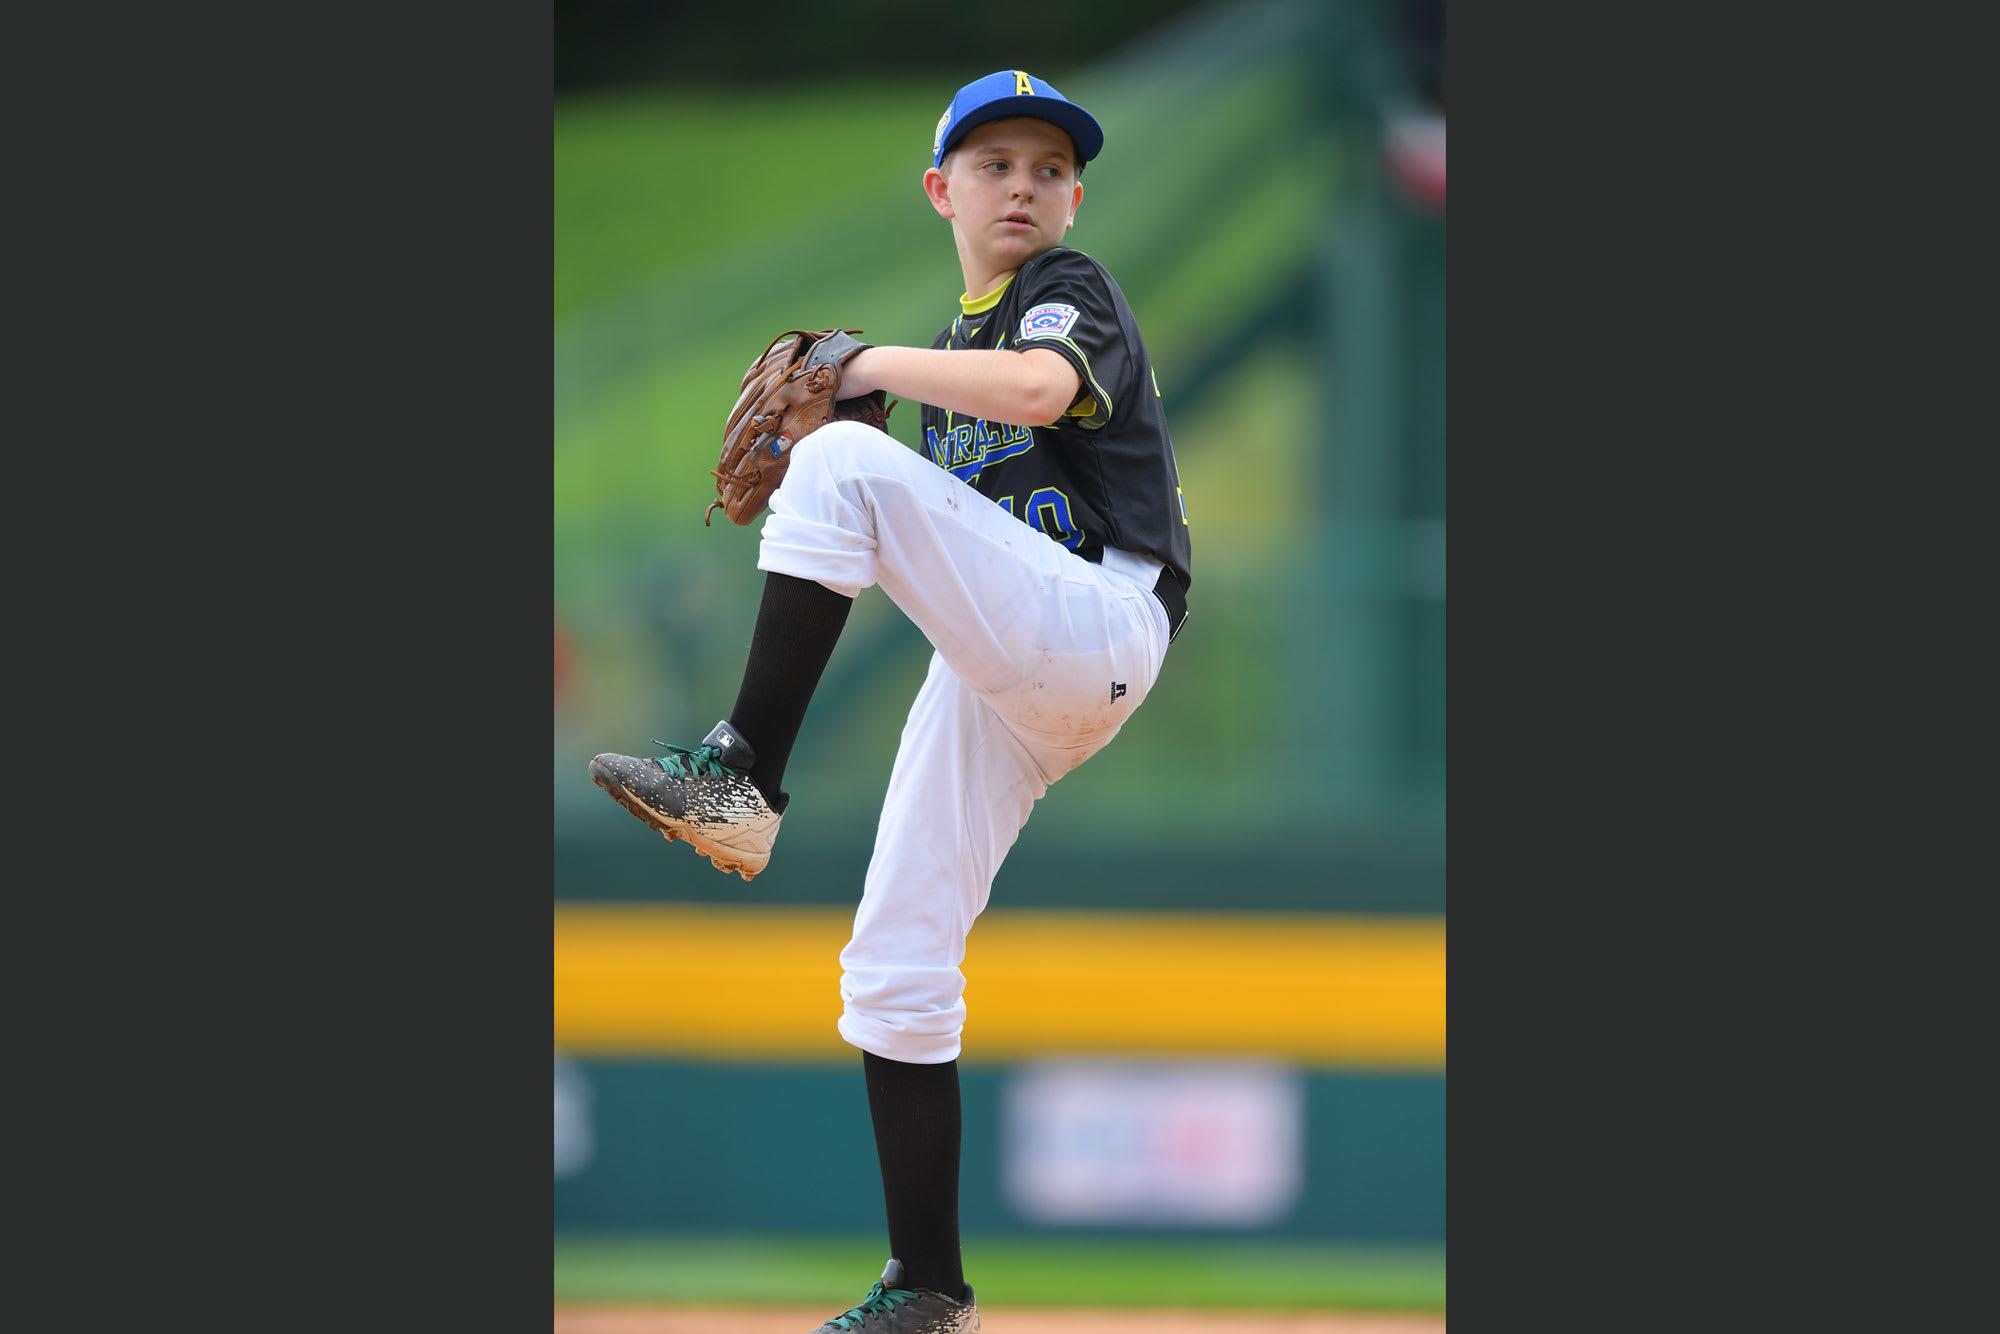 AUS pitcher